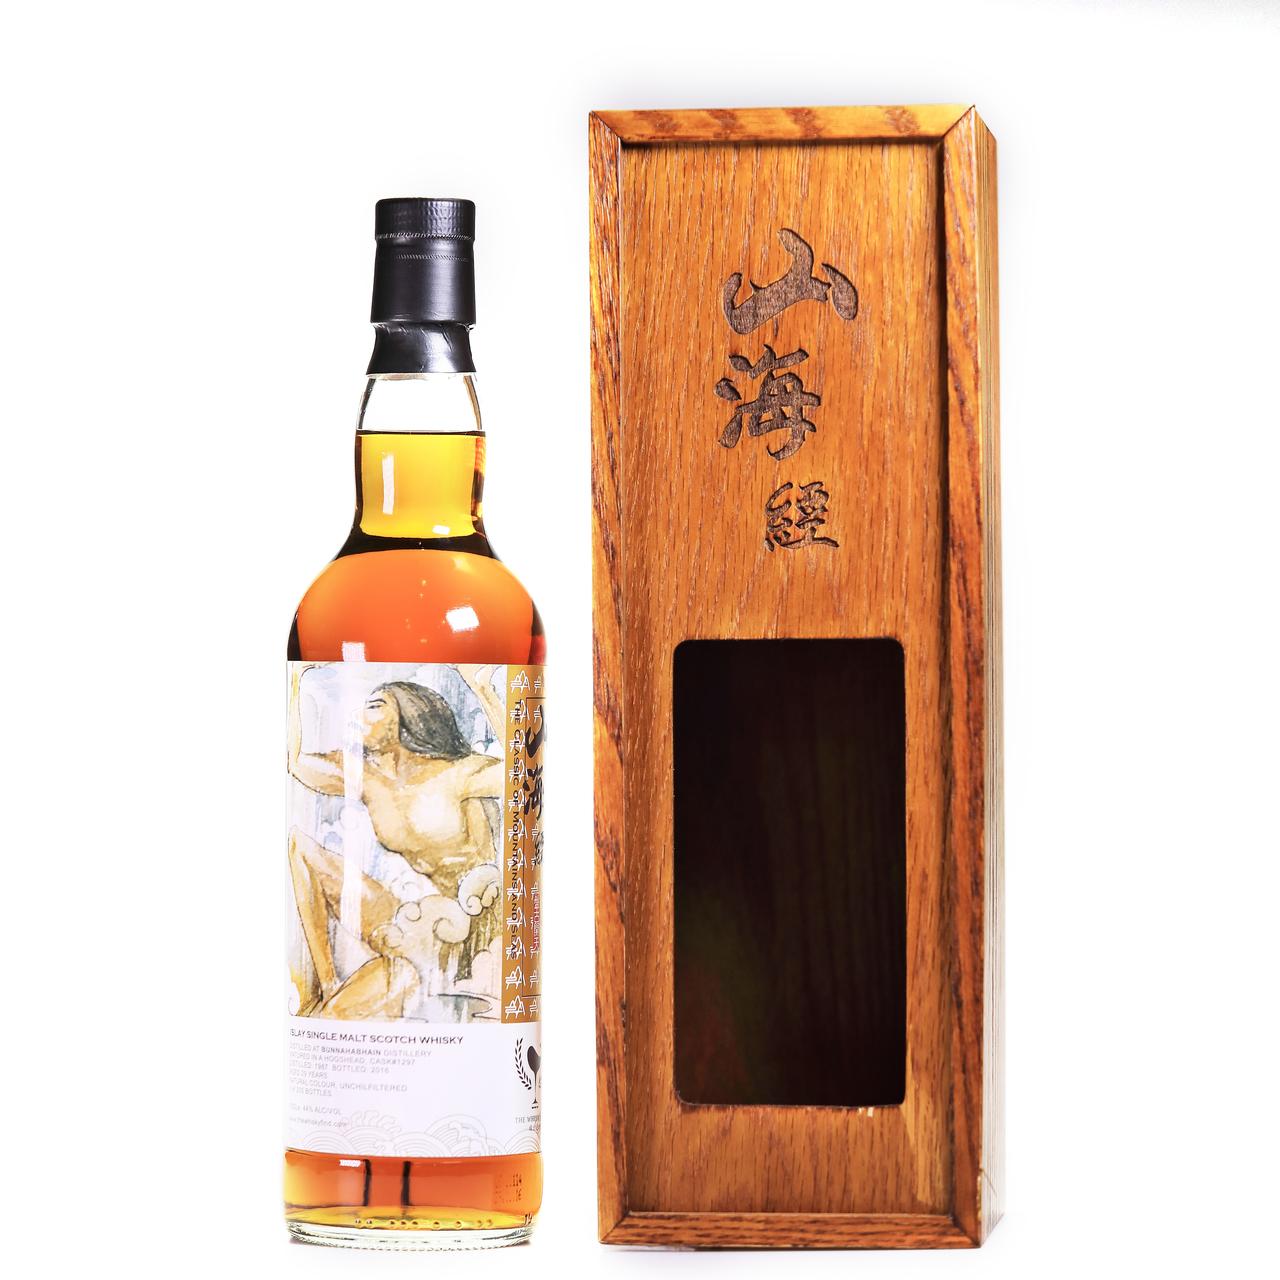 Bunnahabhain 1987 the whisky find 29 year old  1297 %e5%b1%b1%e6%b5%b7%e7%b6%93